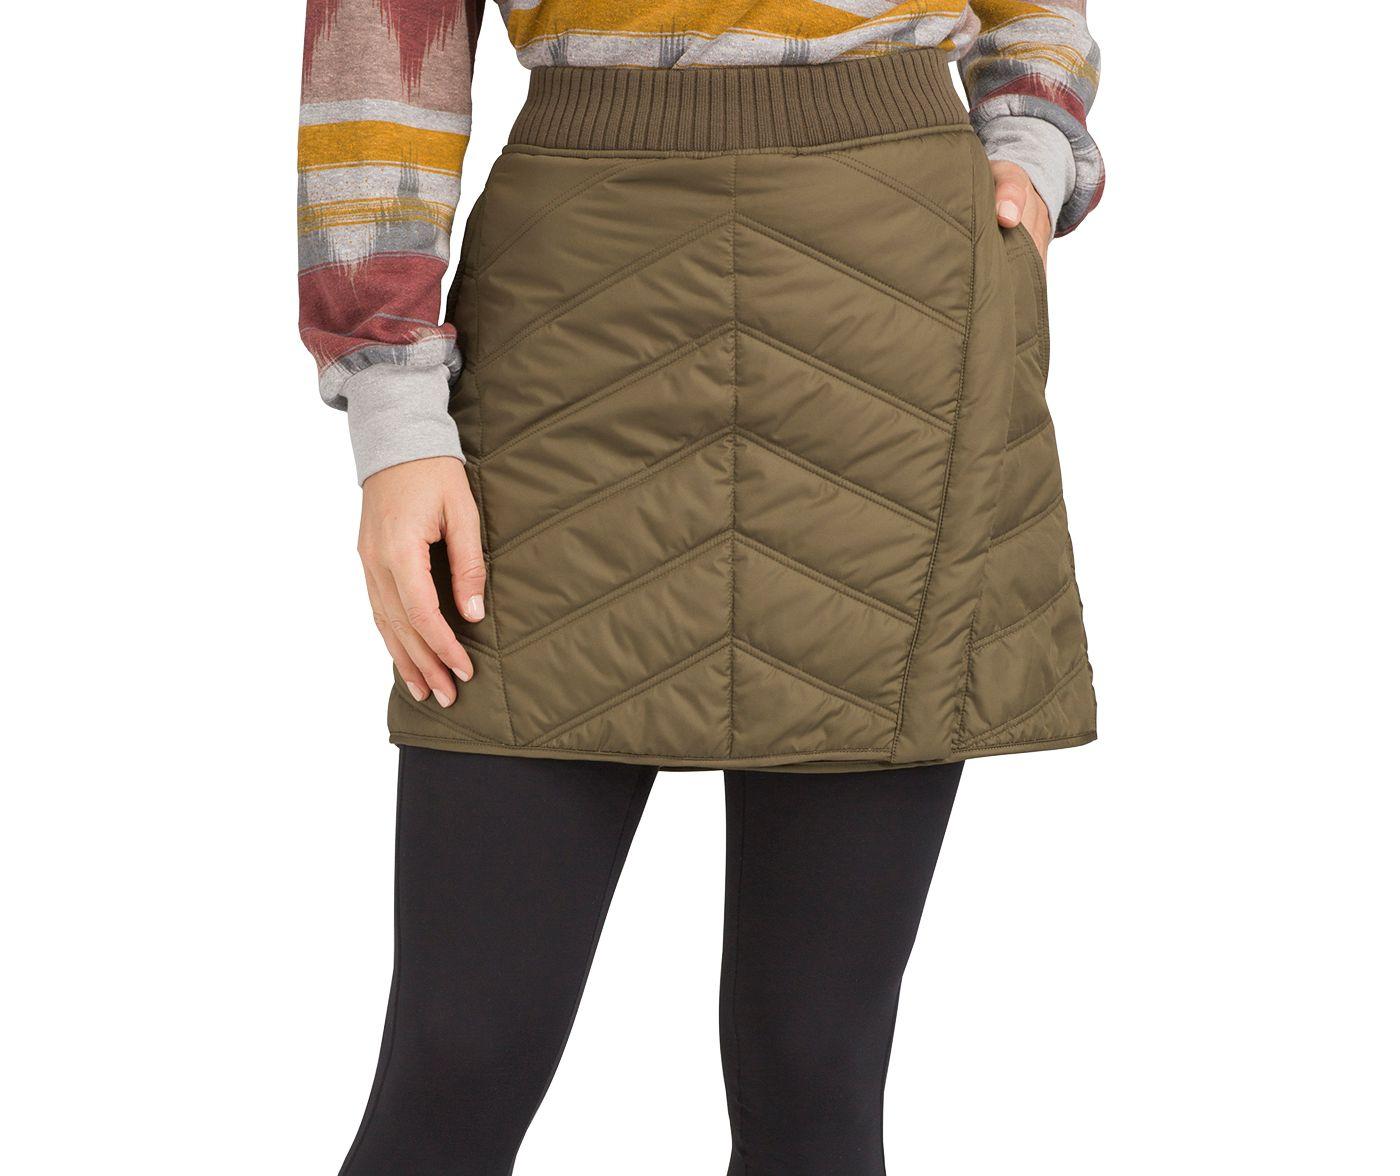 prAna Women's Diva Wrap Skirt